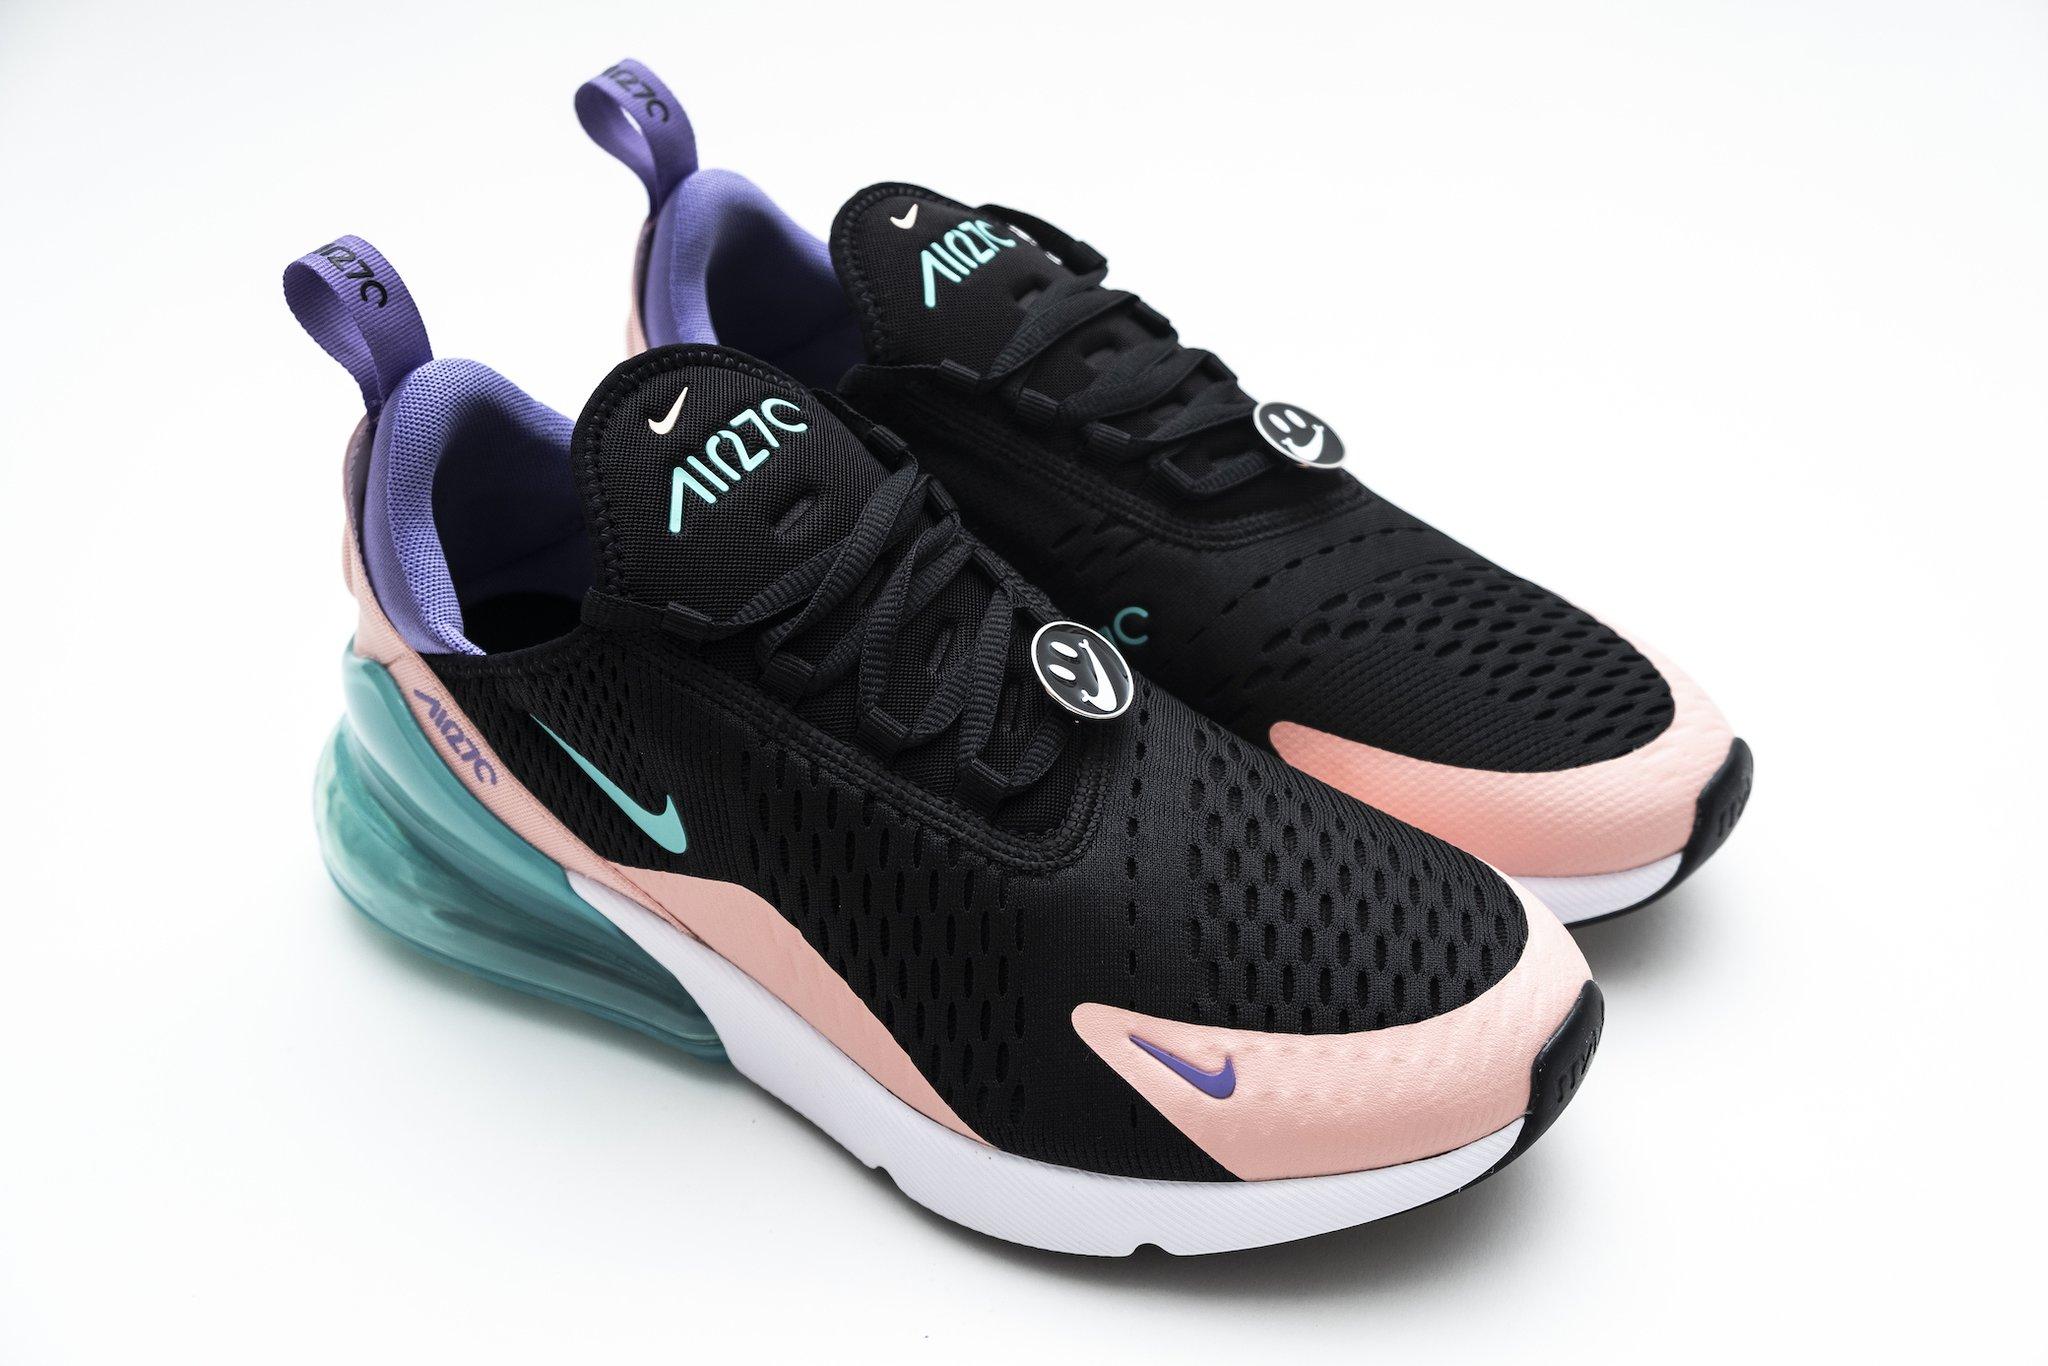 a086491e2d On Sale: Nike Air Max 270